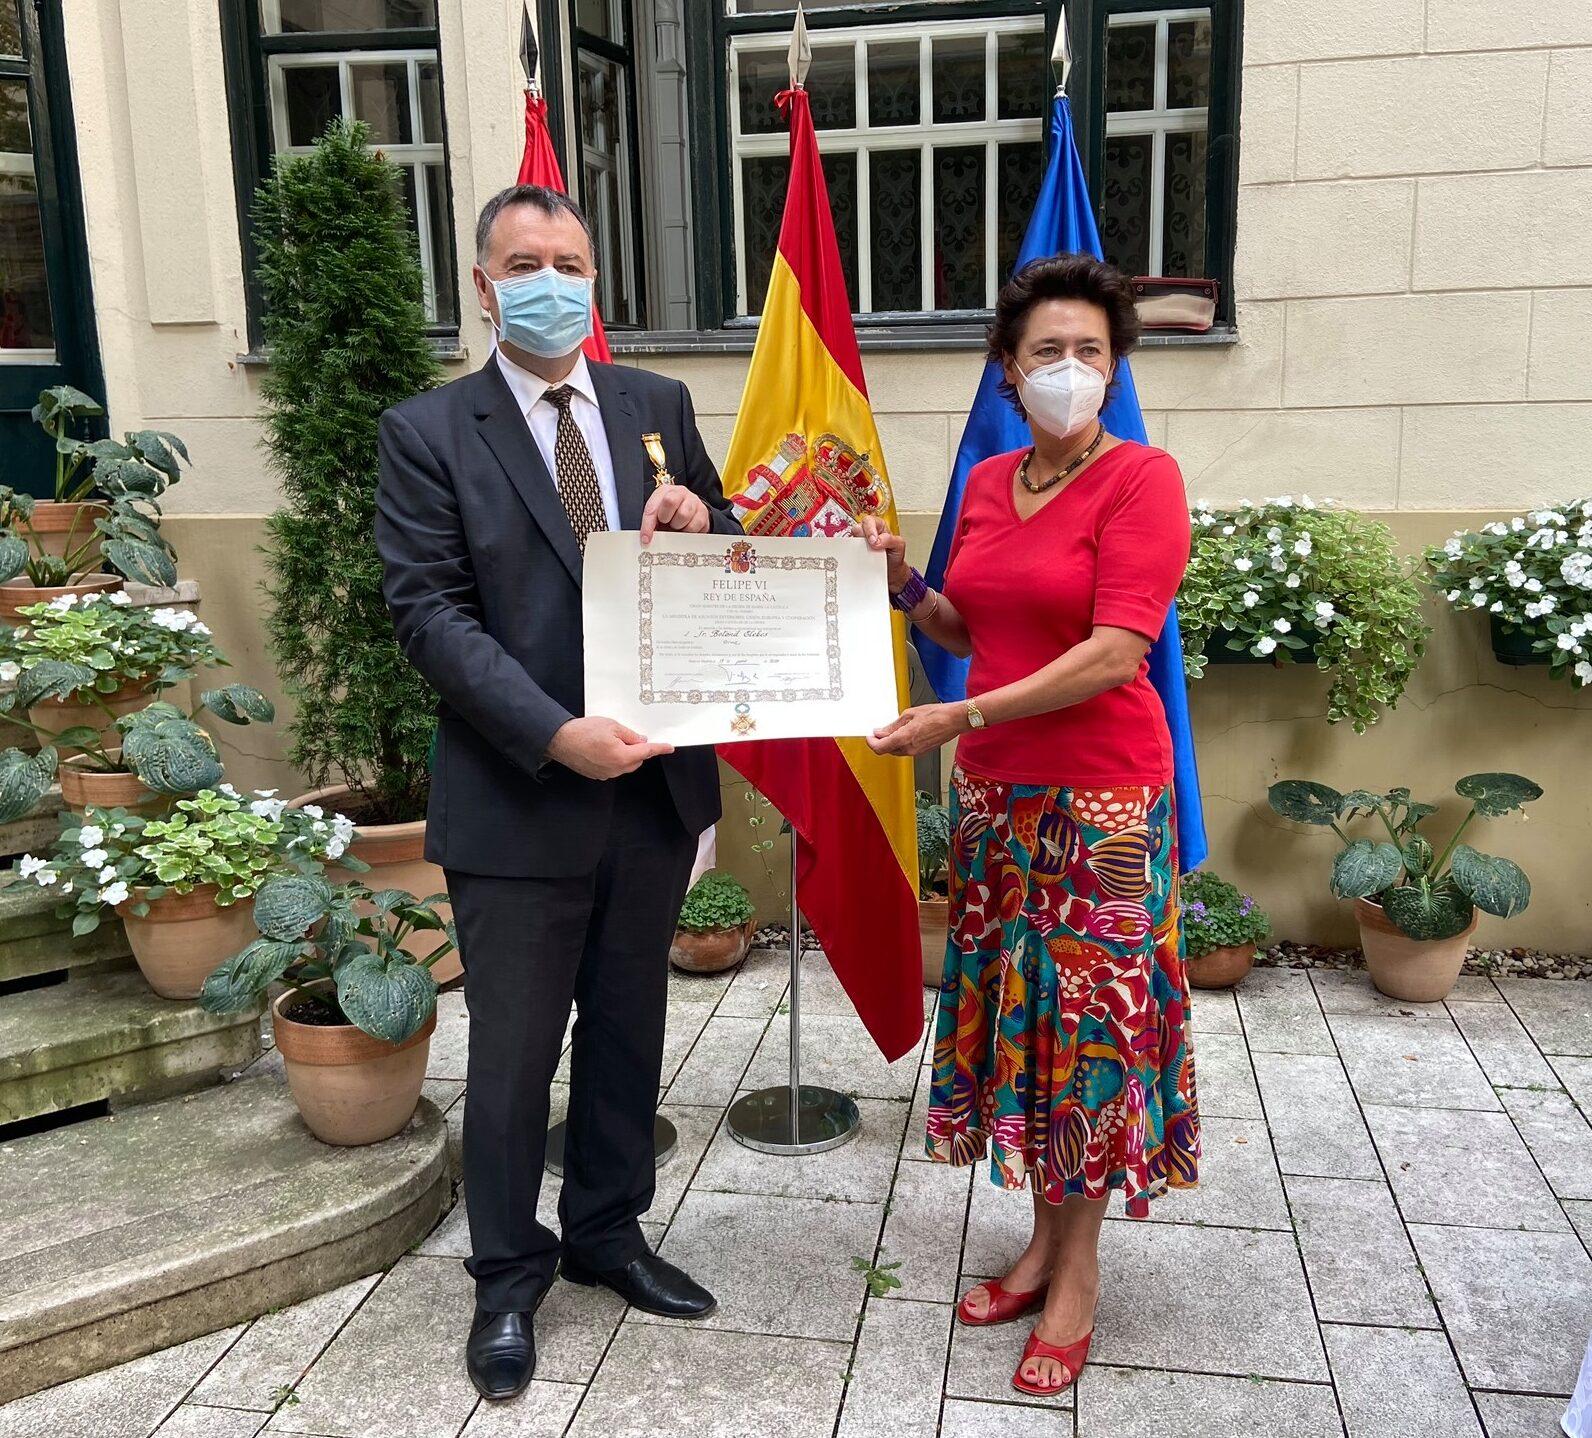 A spanyol király kitüntette Elekes Botond főigazgatót, egyházkerületünk főgondnokát